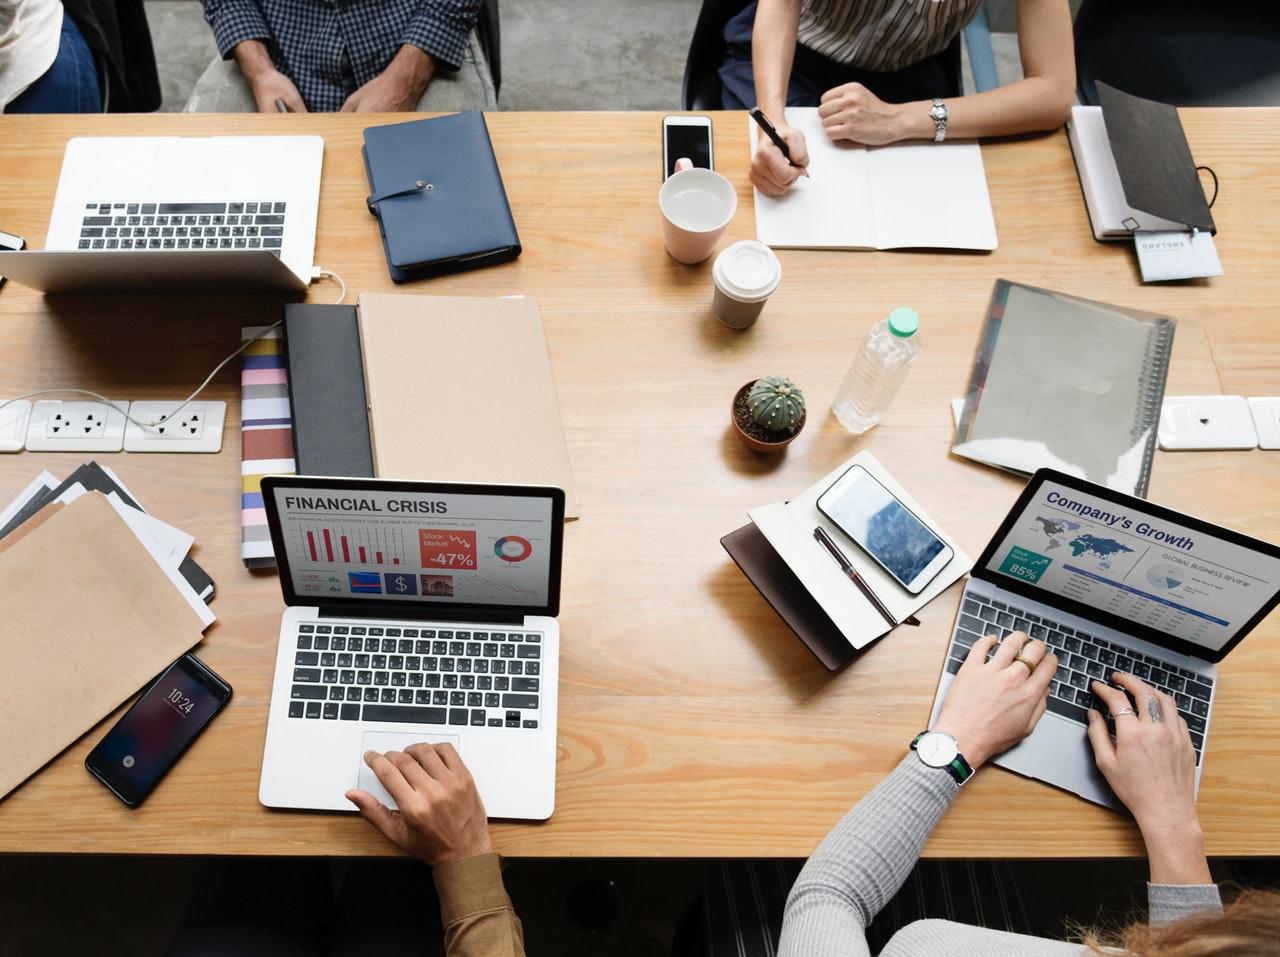 会議中の机